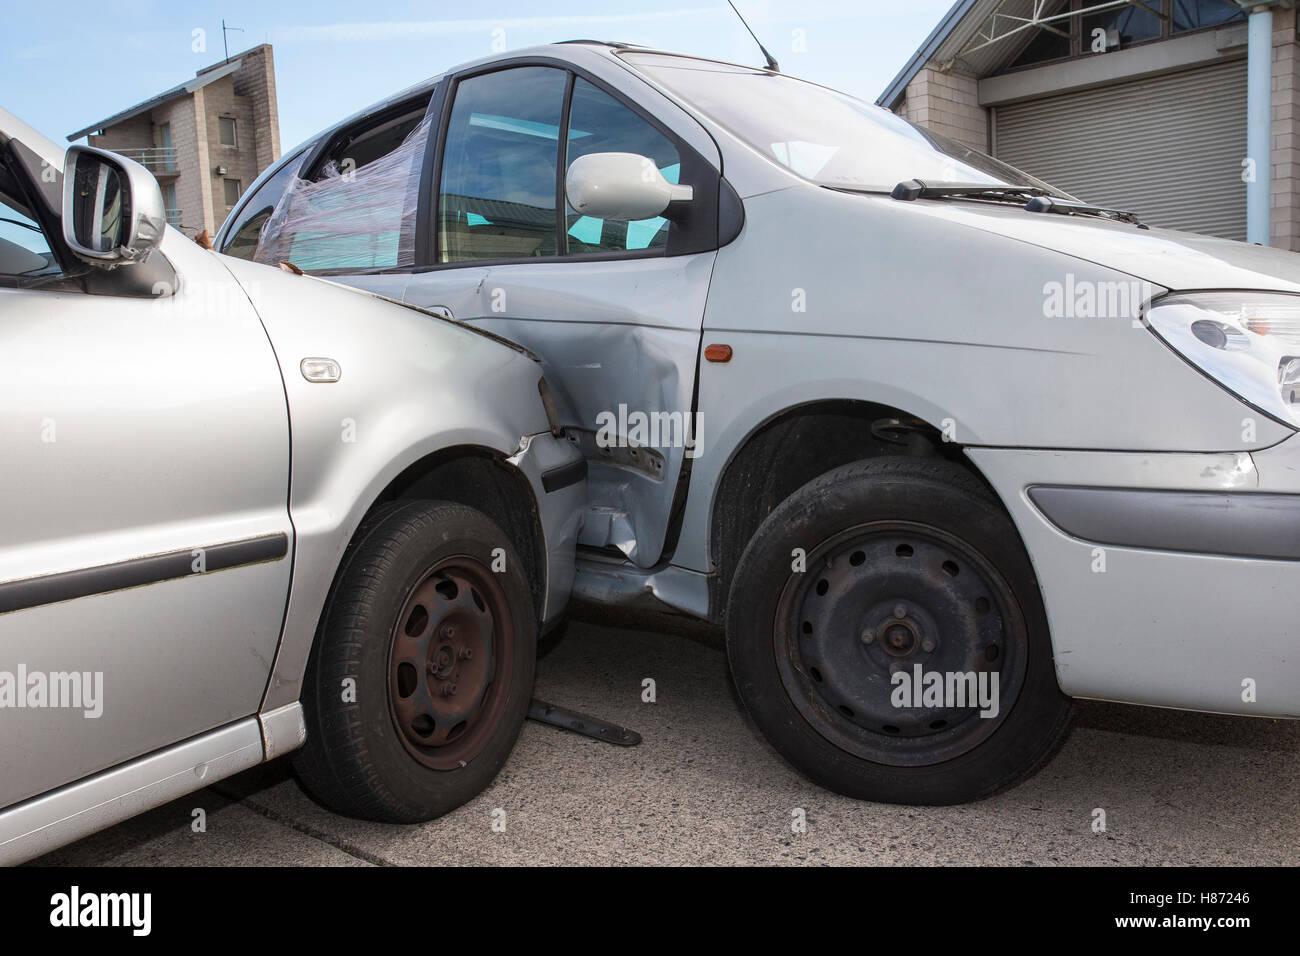 2 two cars vehicle vehicles car crash crashed RTA Stock Photo ...